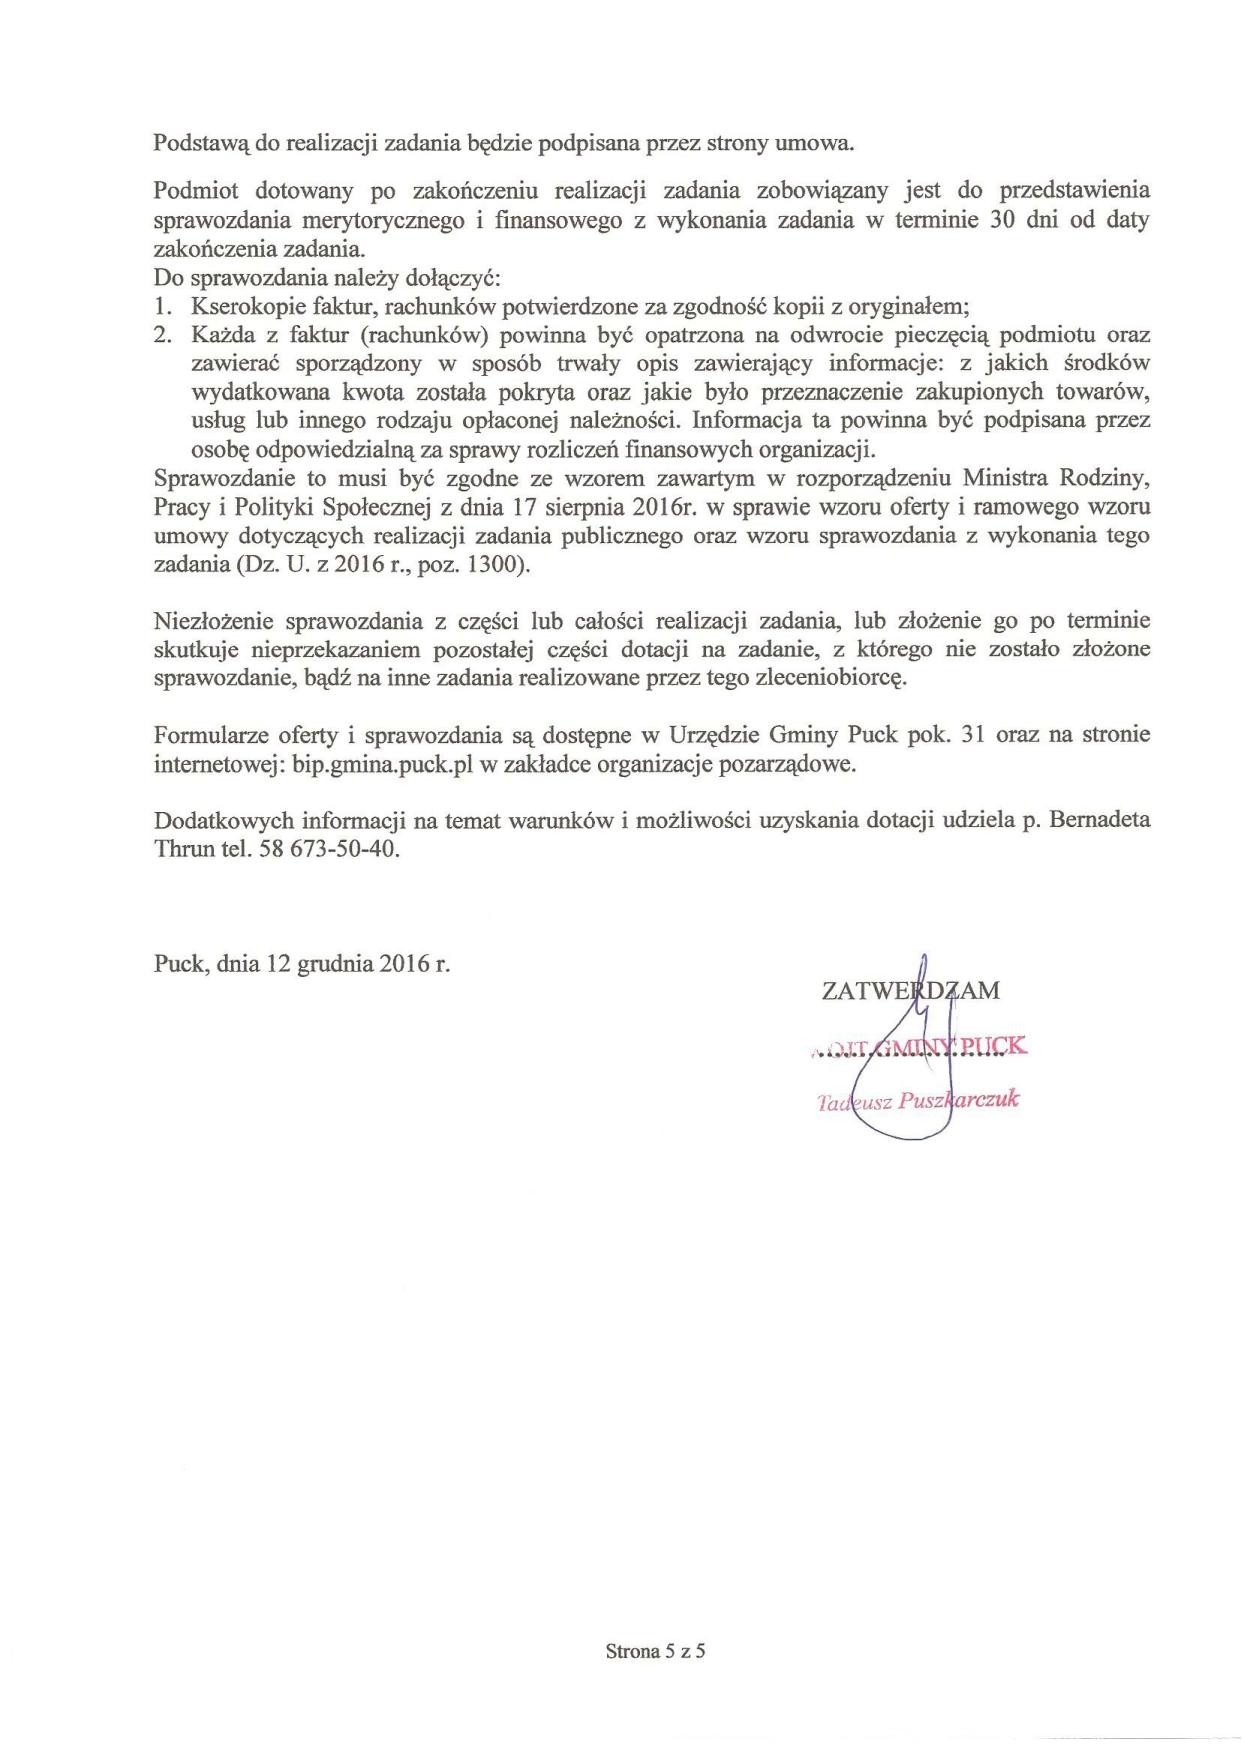 ogloszenie-o-konkursie-na-2017r_05